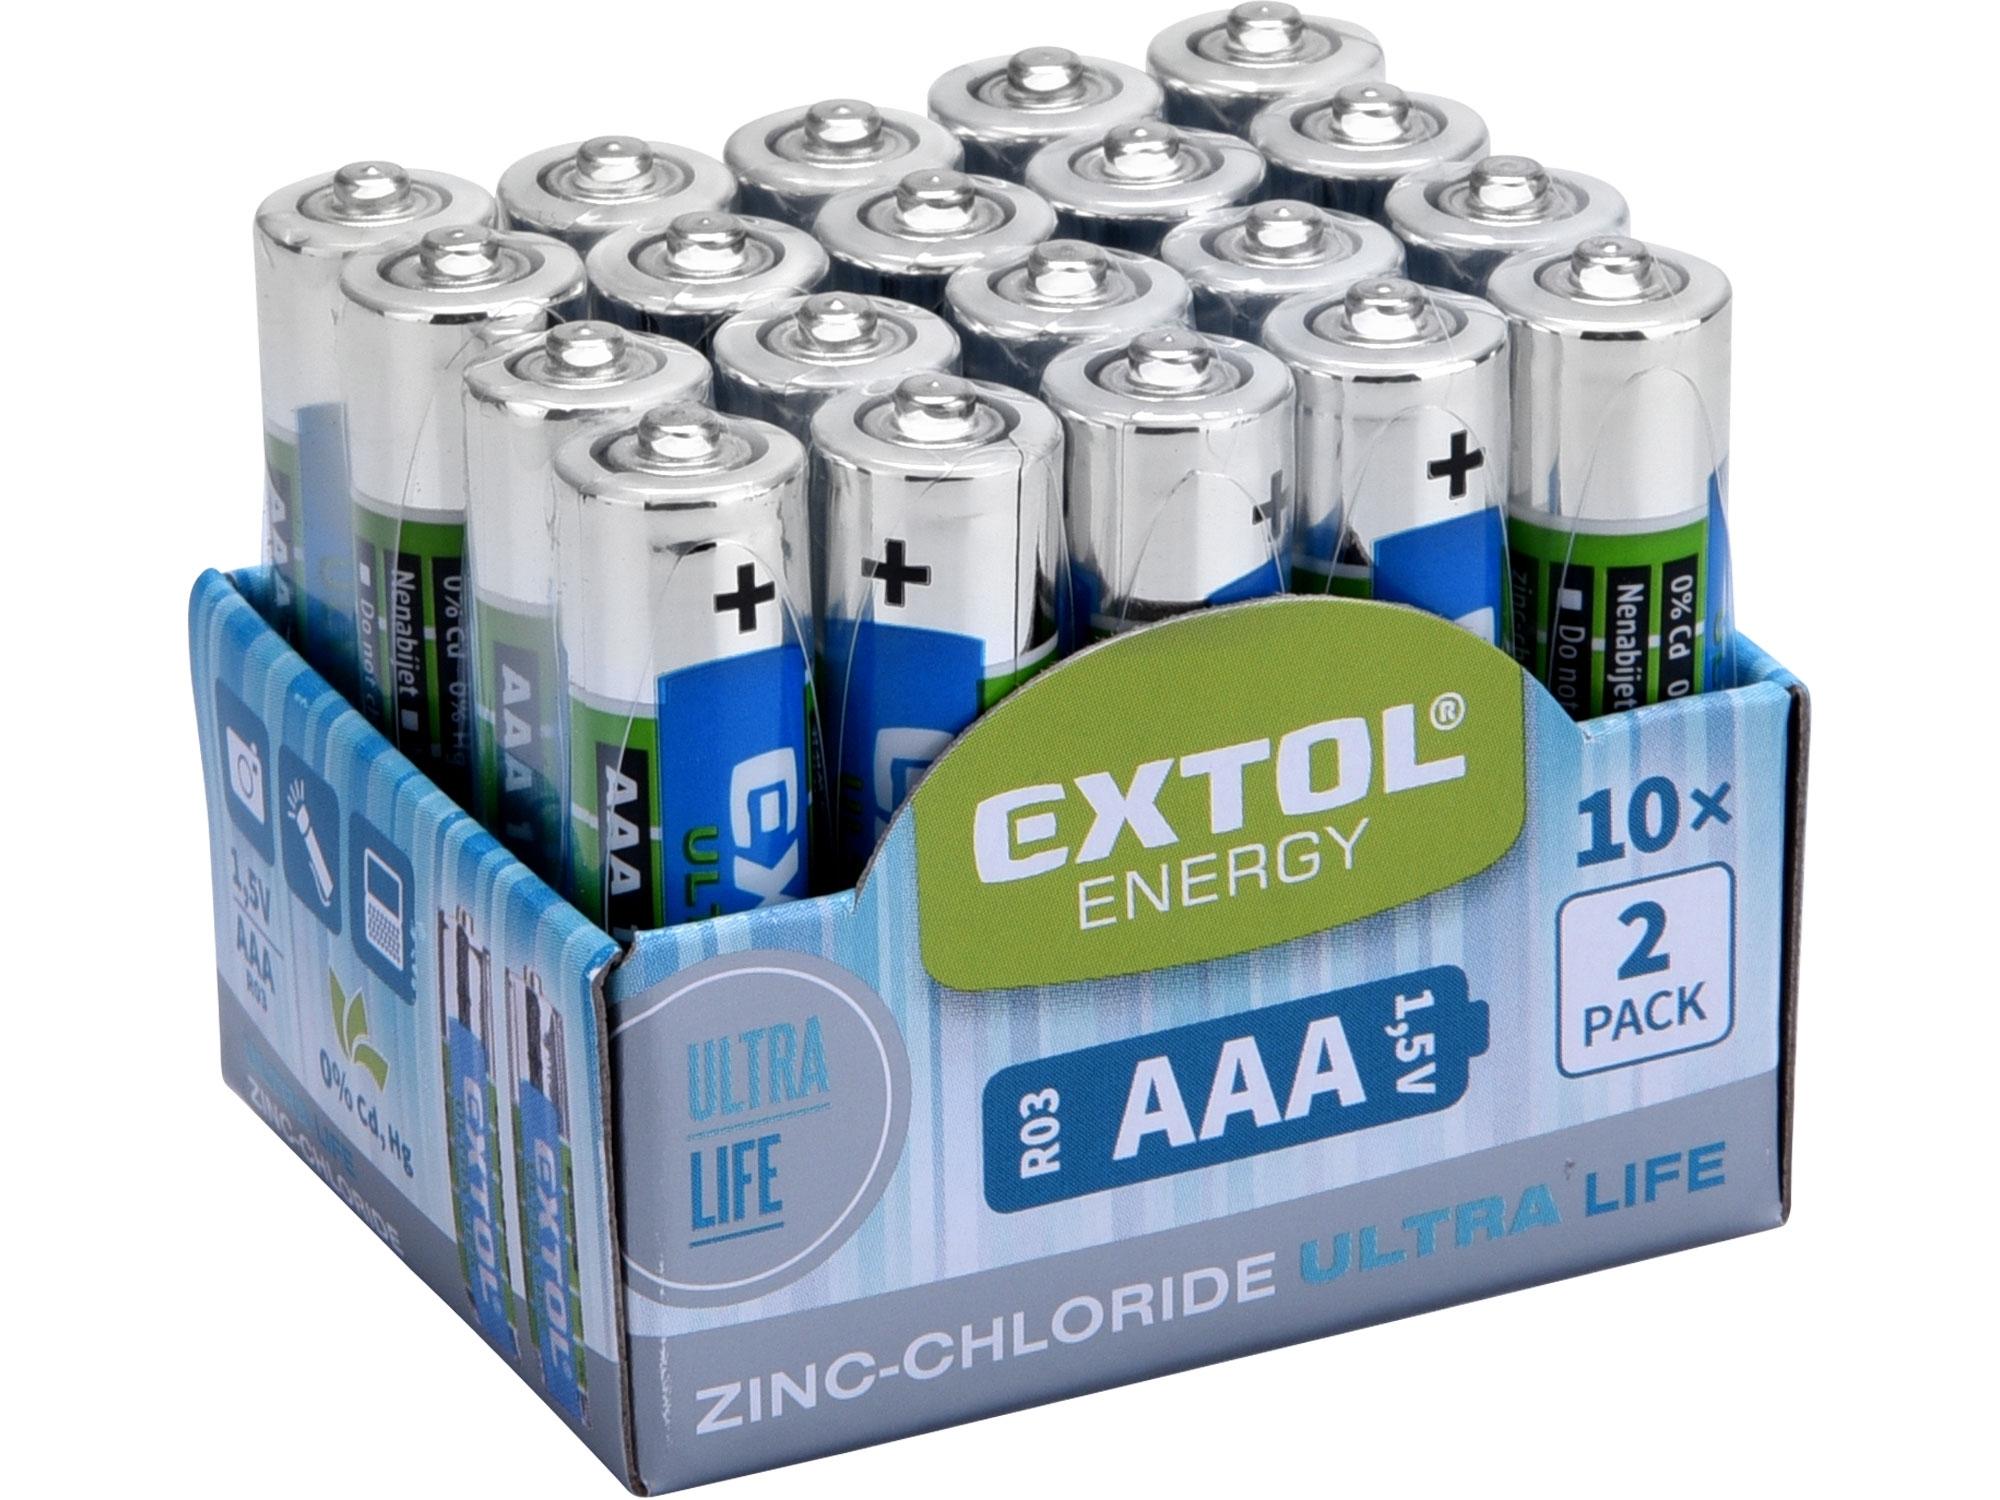 baterie zink-chloridové, 20ks, 1,5V AAA (R03), EXTOL ENERGY 42002